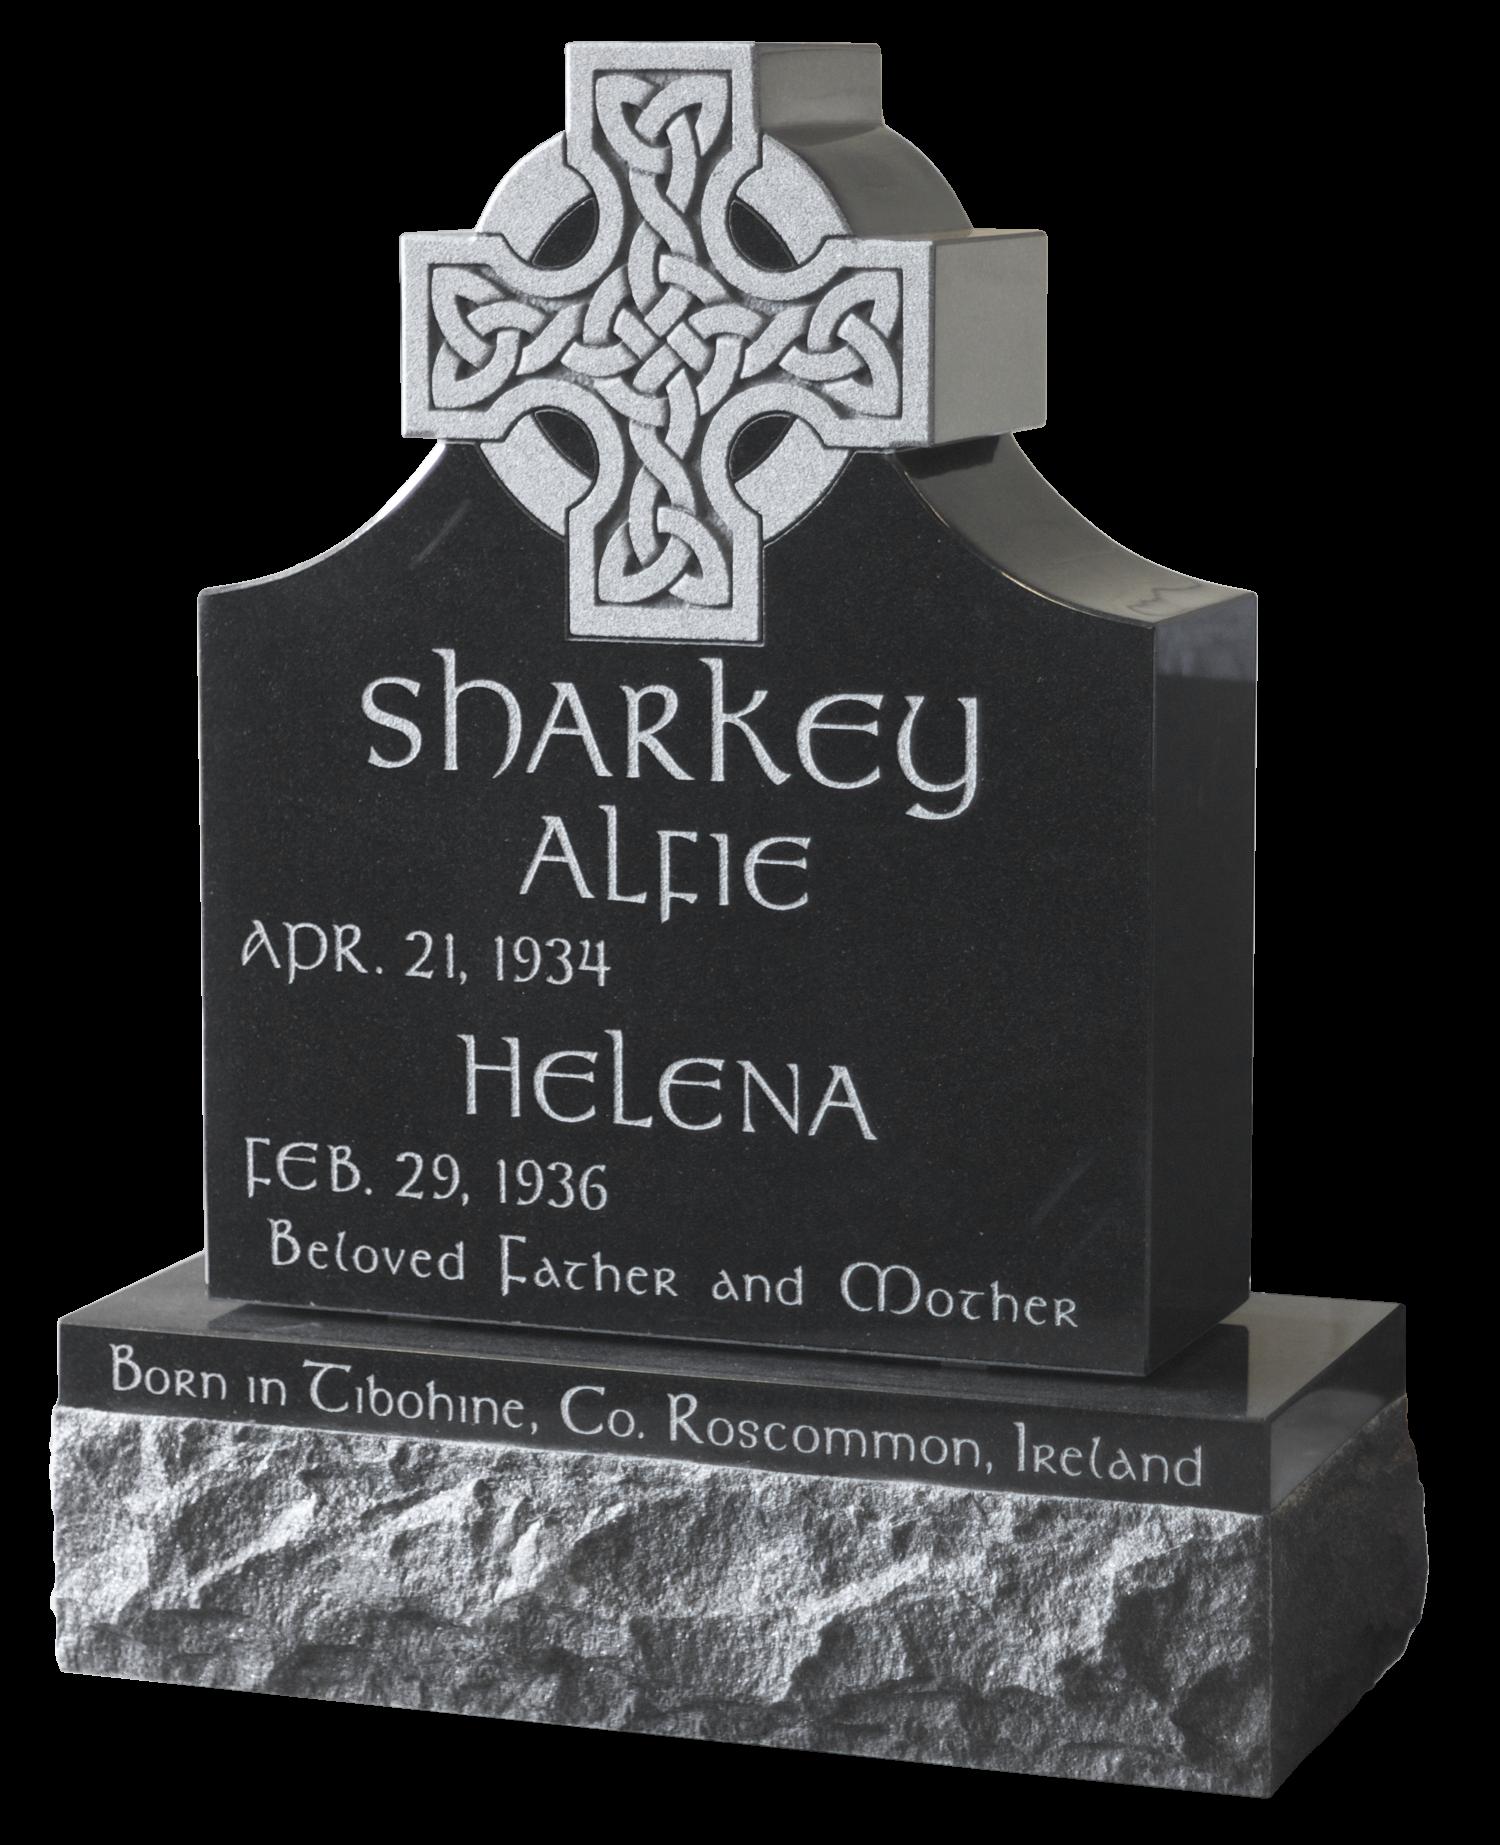 Sharkie, Alpfie - Monument.png